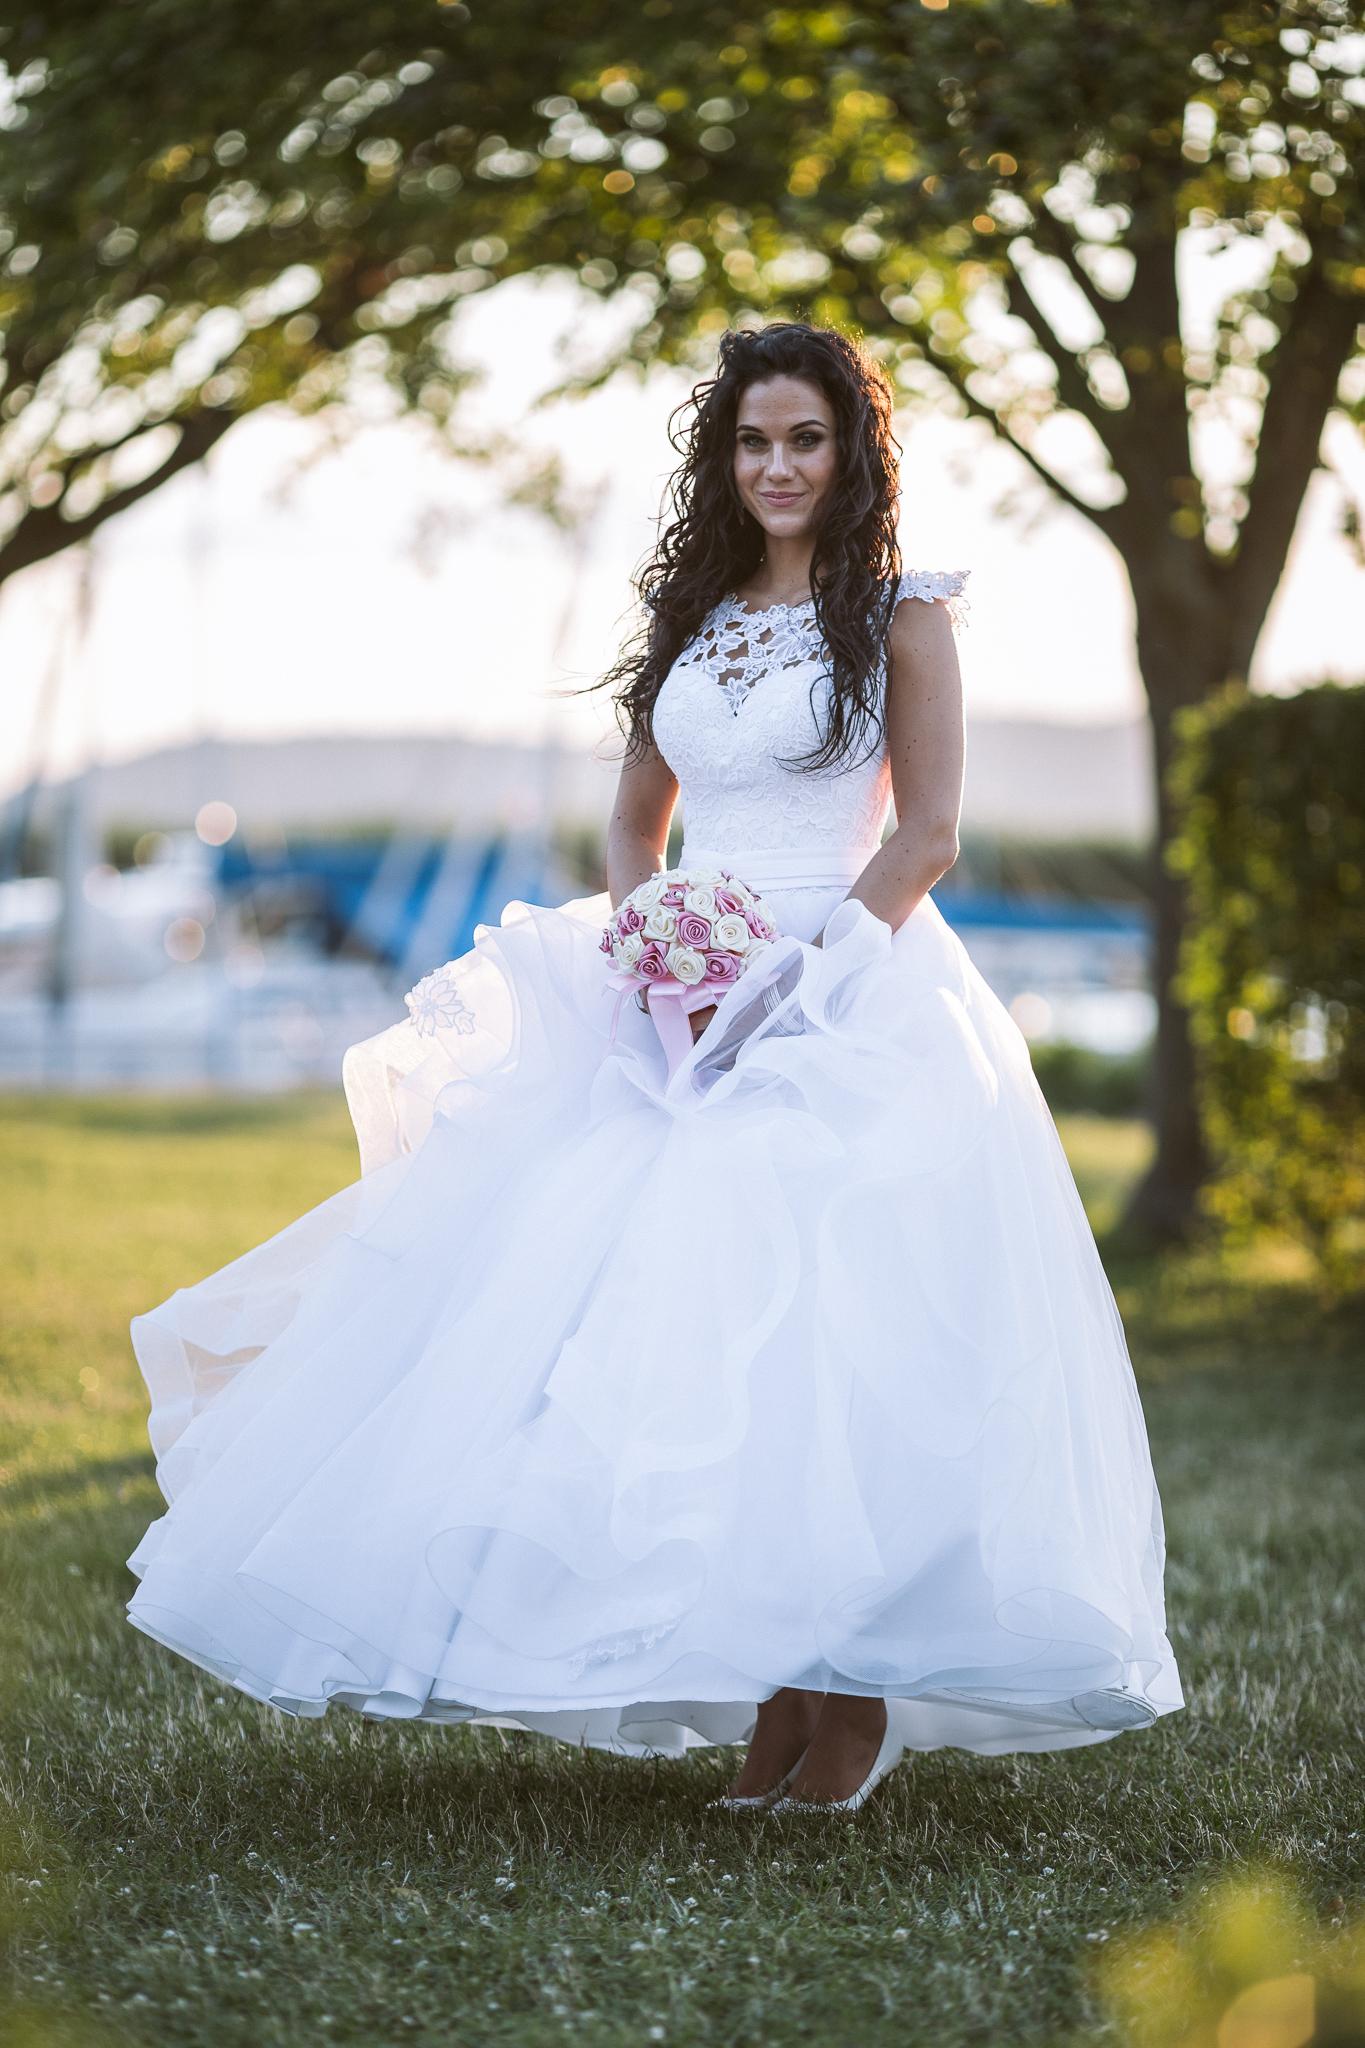 FylepPhoto, esküvőfotózás, magyarország, esküvői fotós, vasmegye, prémium, jegyesfotózás, Fülöp Péter, körmend, kreatív 5.jpg